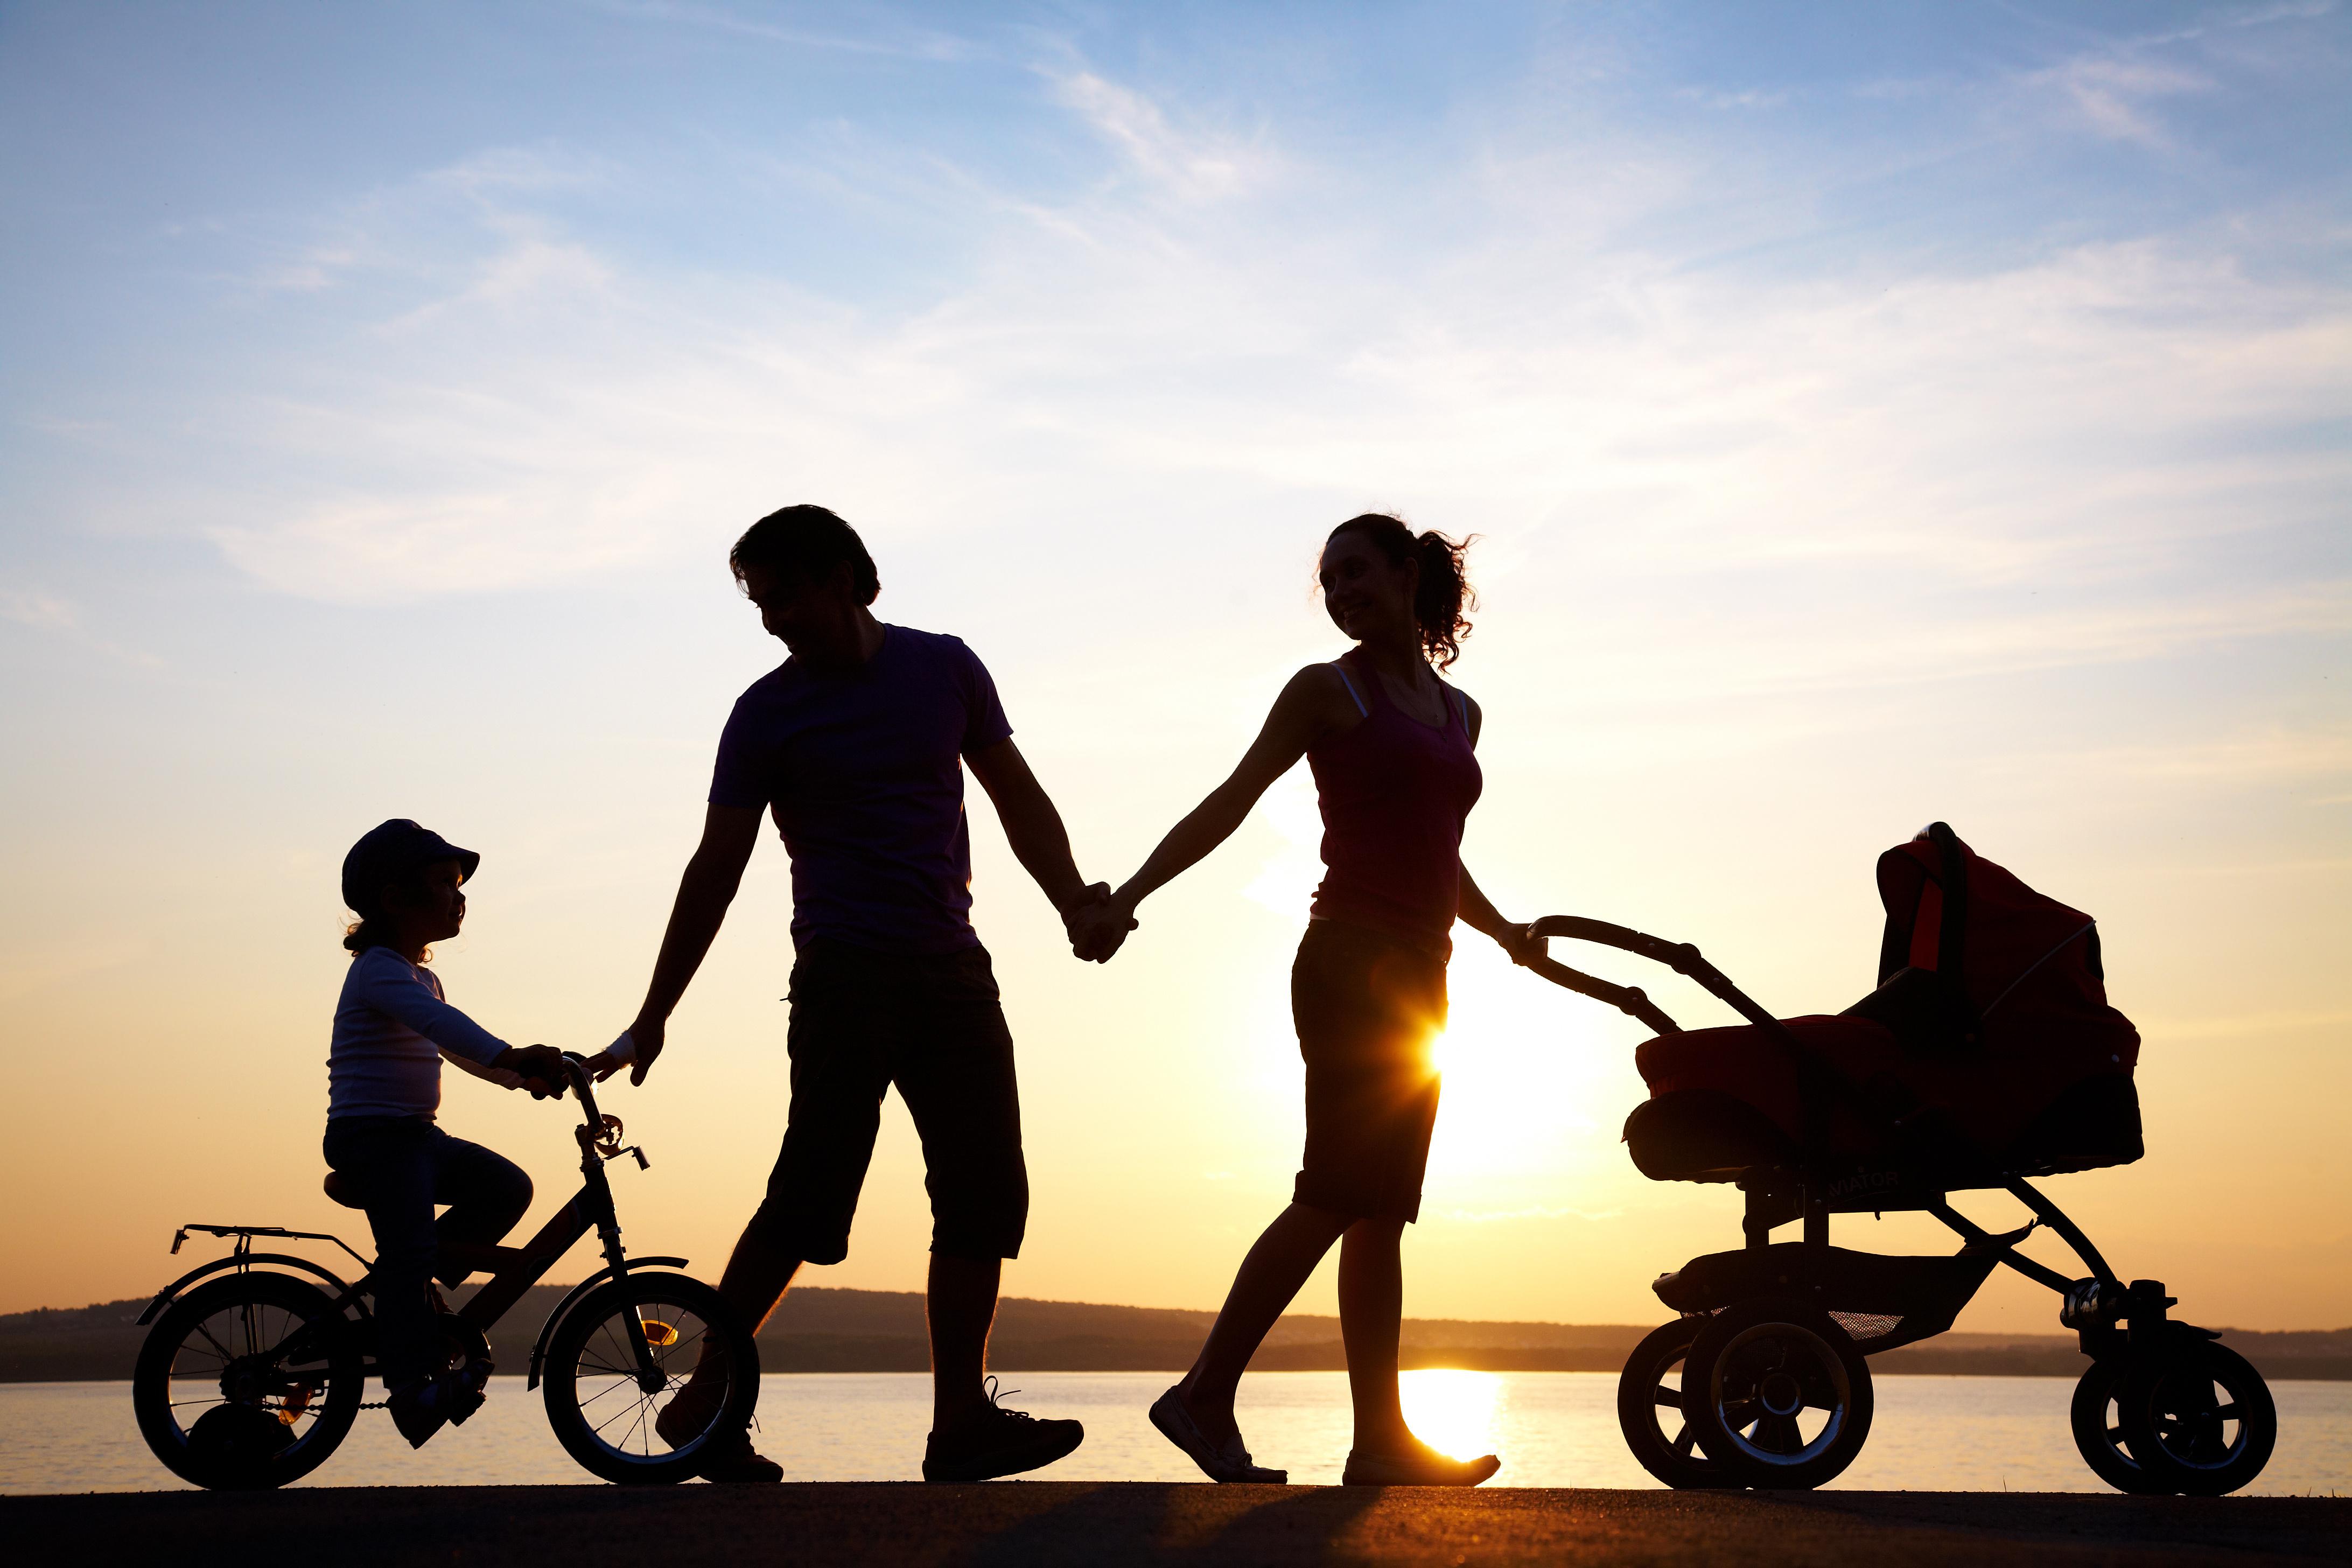 Family Unity is Key